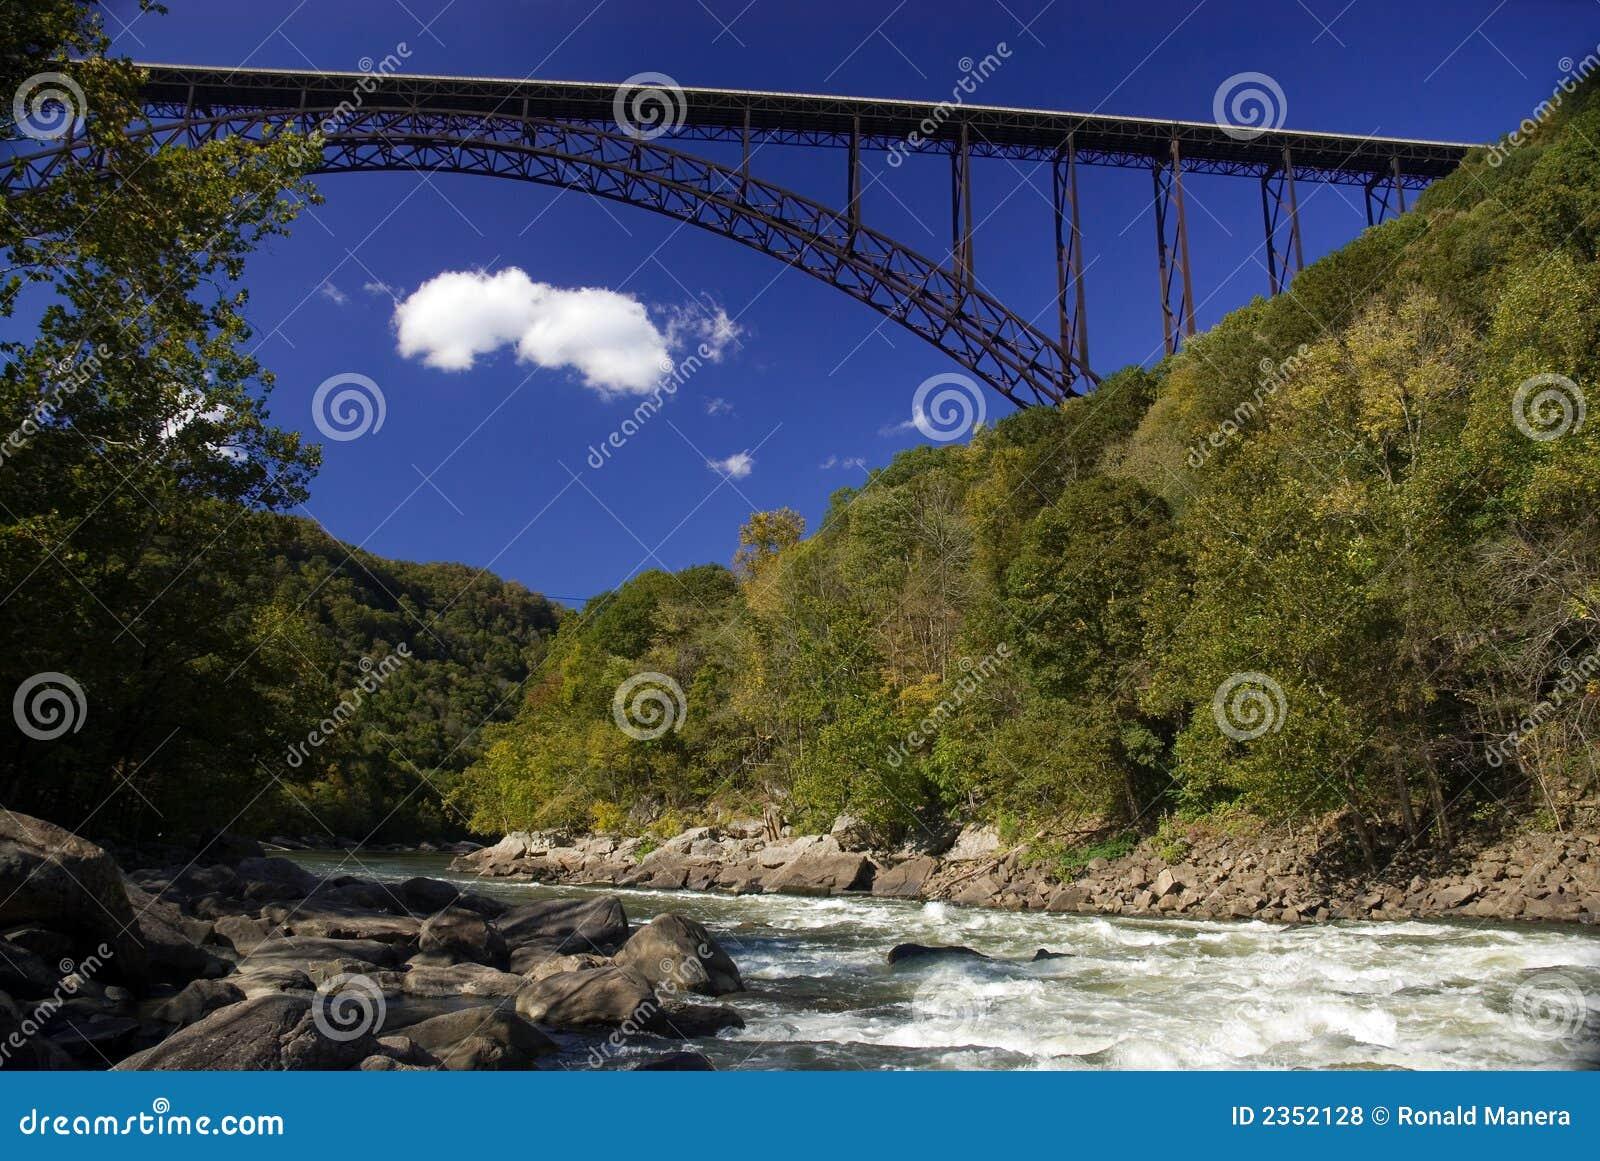 Ponte 2 de NRG